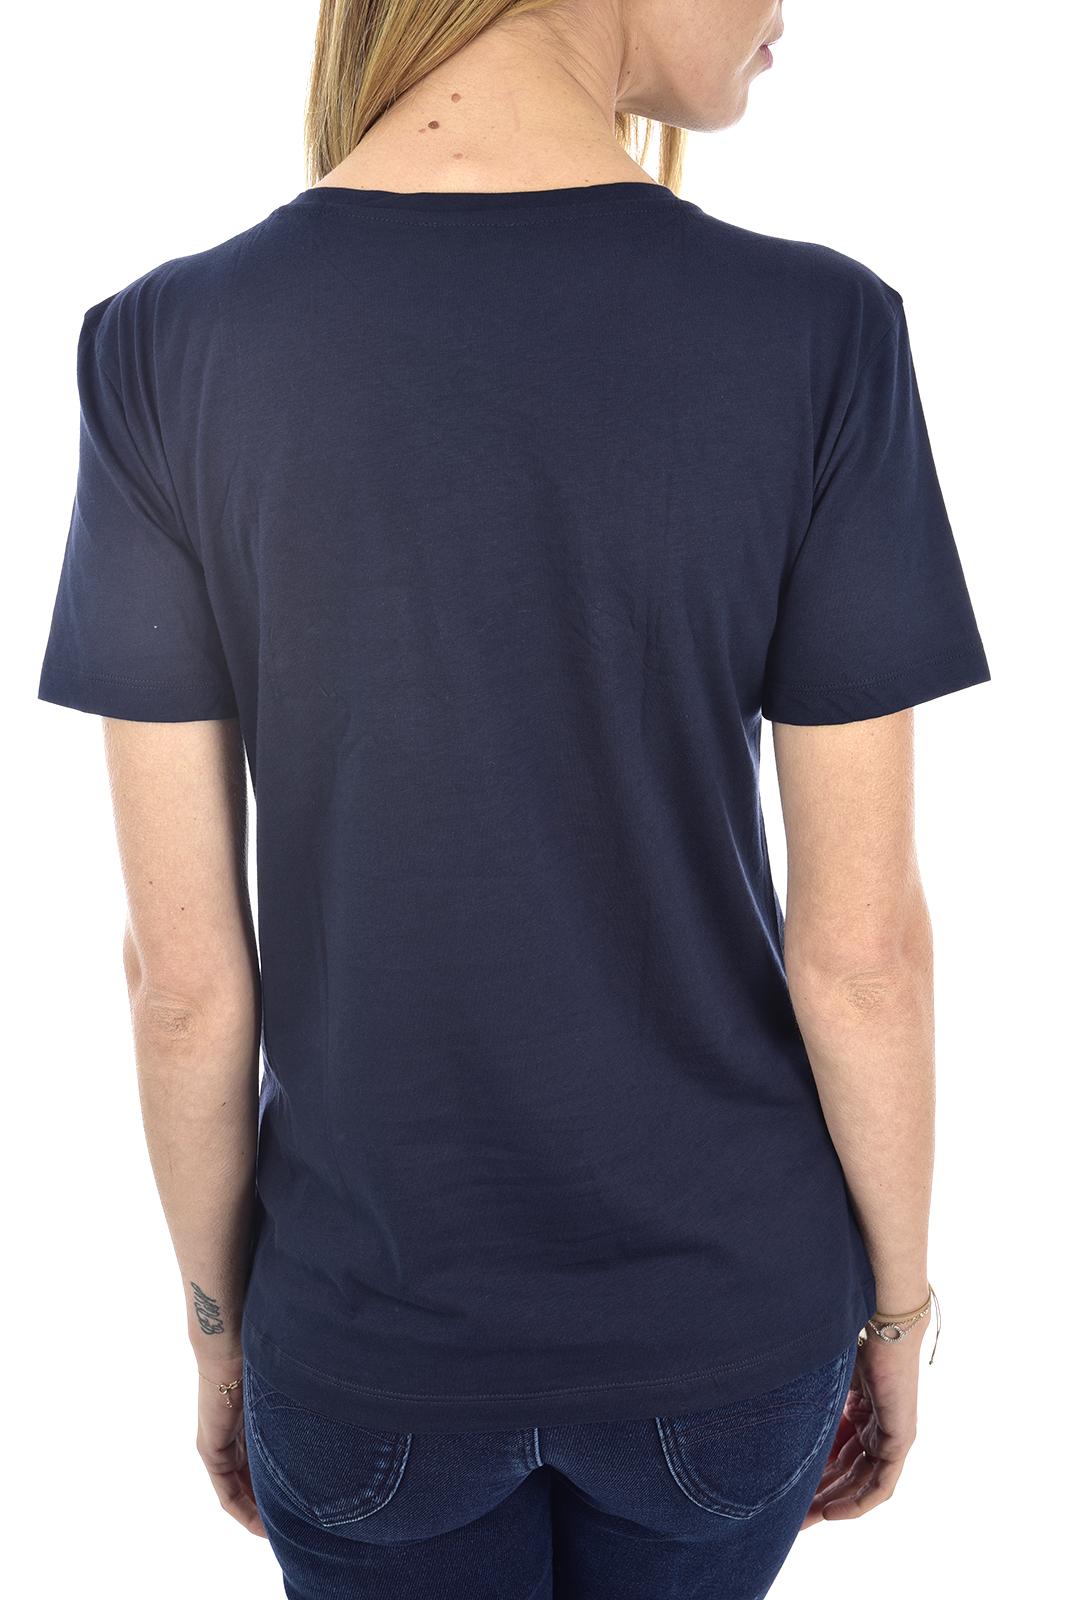 Tee shirt  Emporio armani 164141 9A255 00135 BLEU